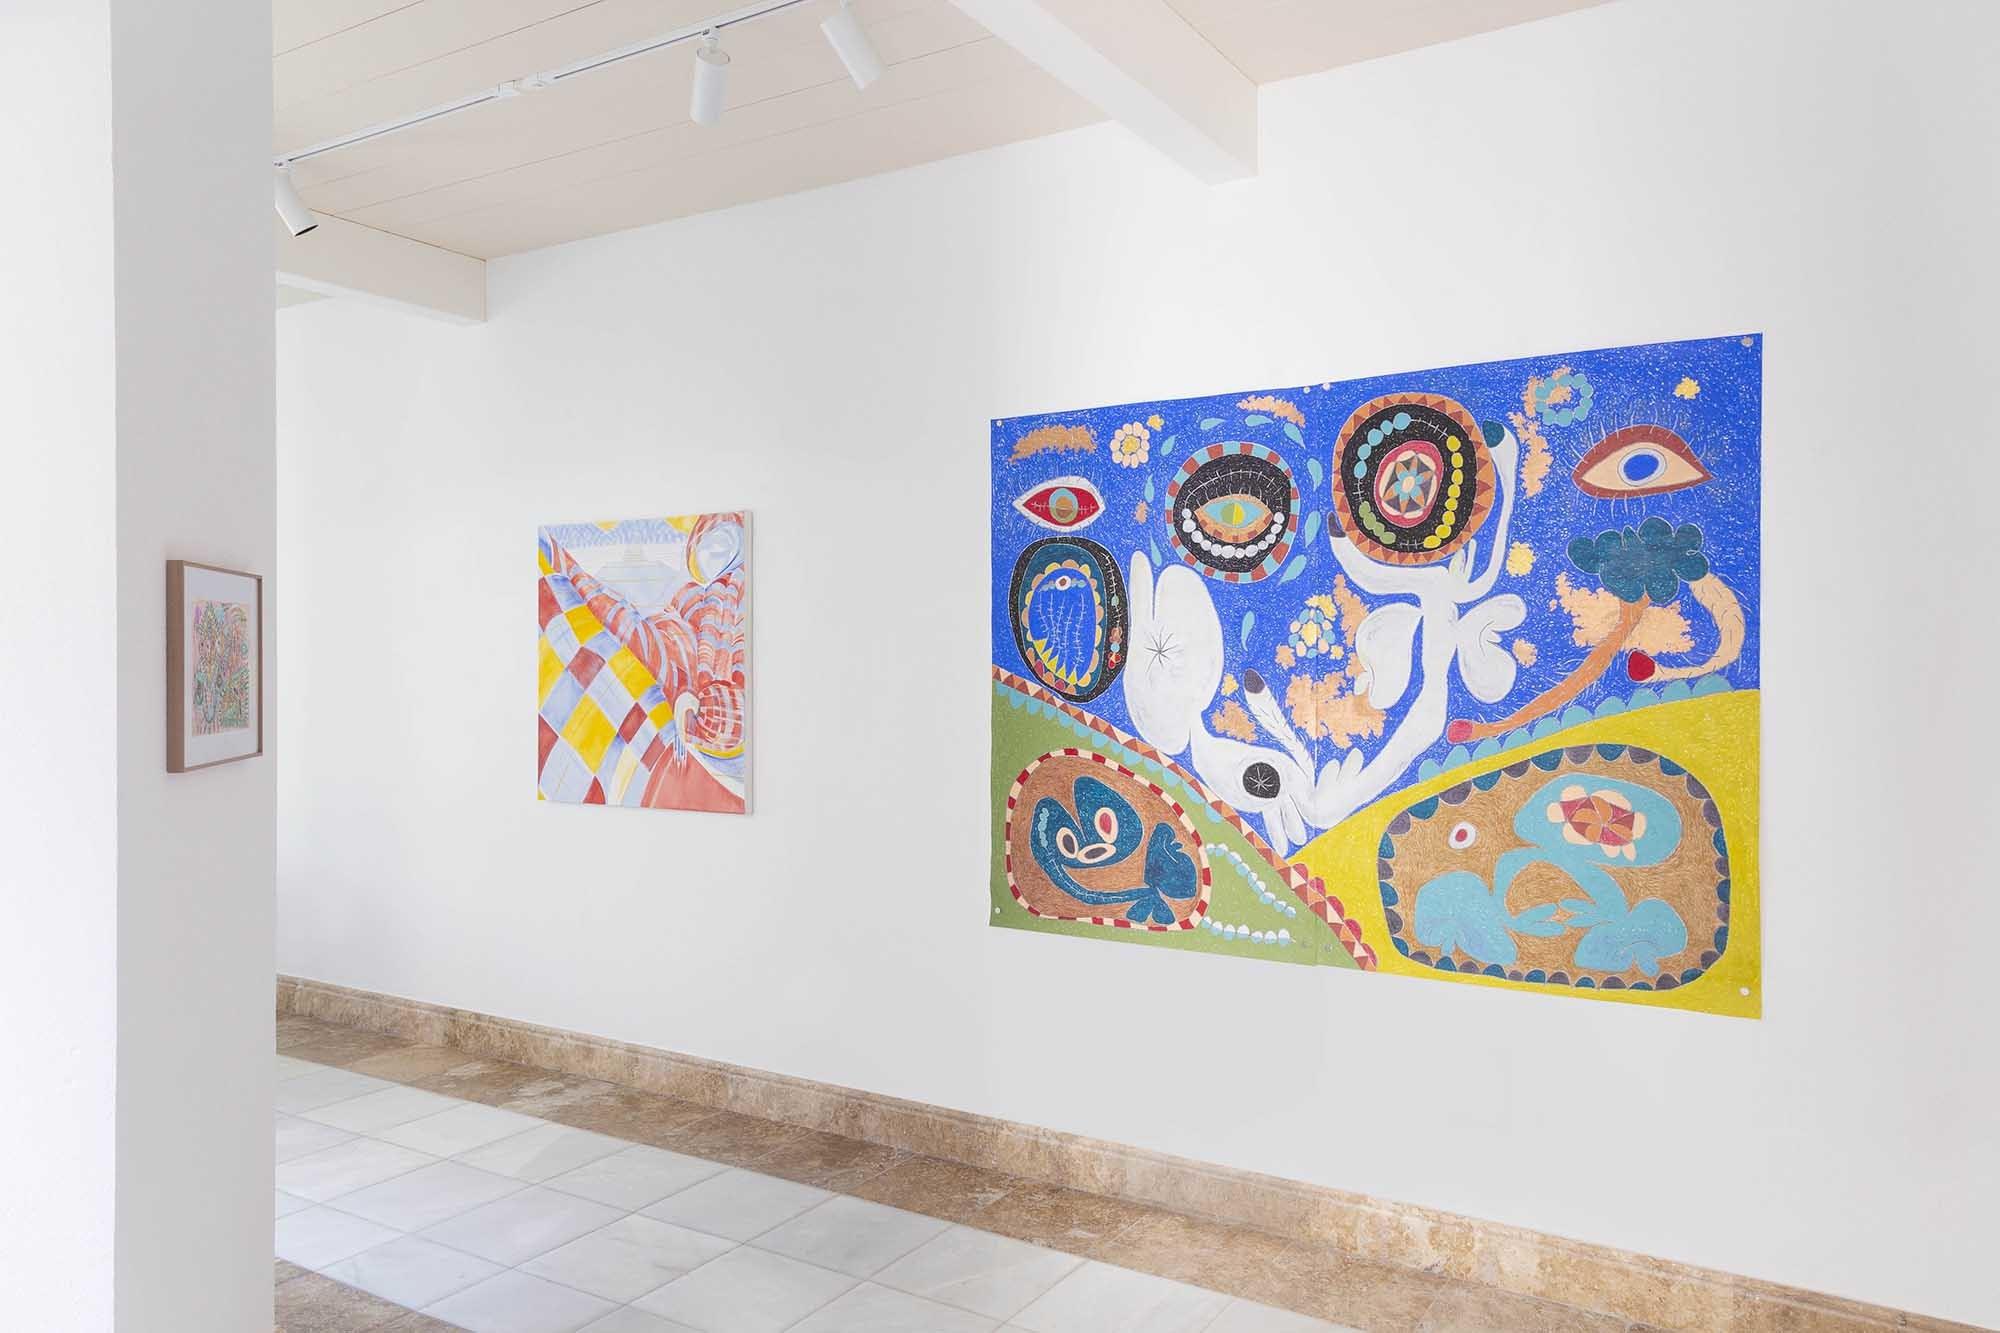 'Salvaje y dulce', en la galería Badr El Jundi, en Marbella.